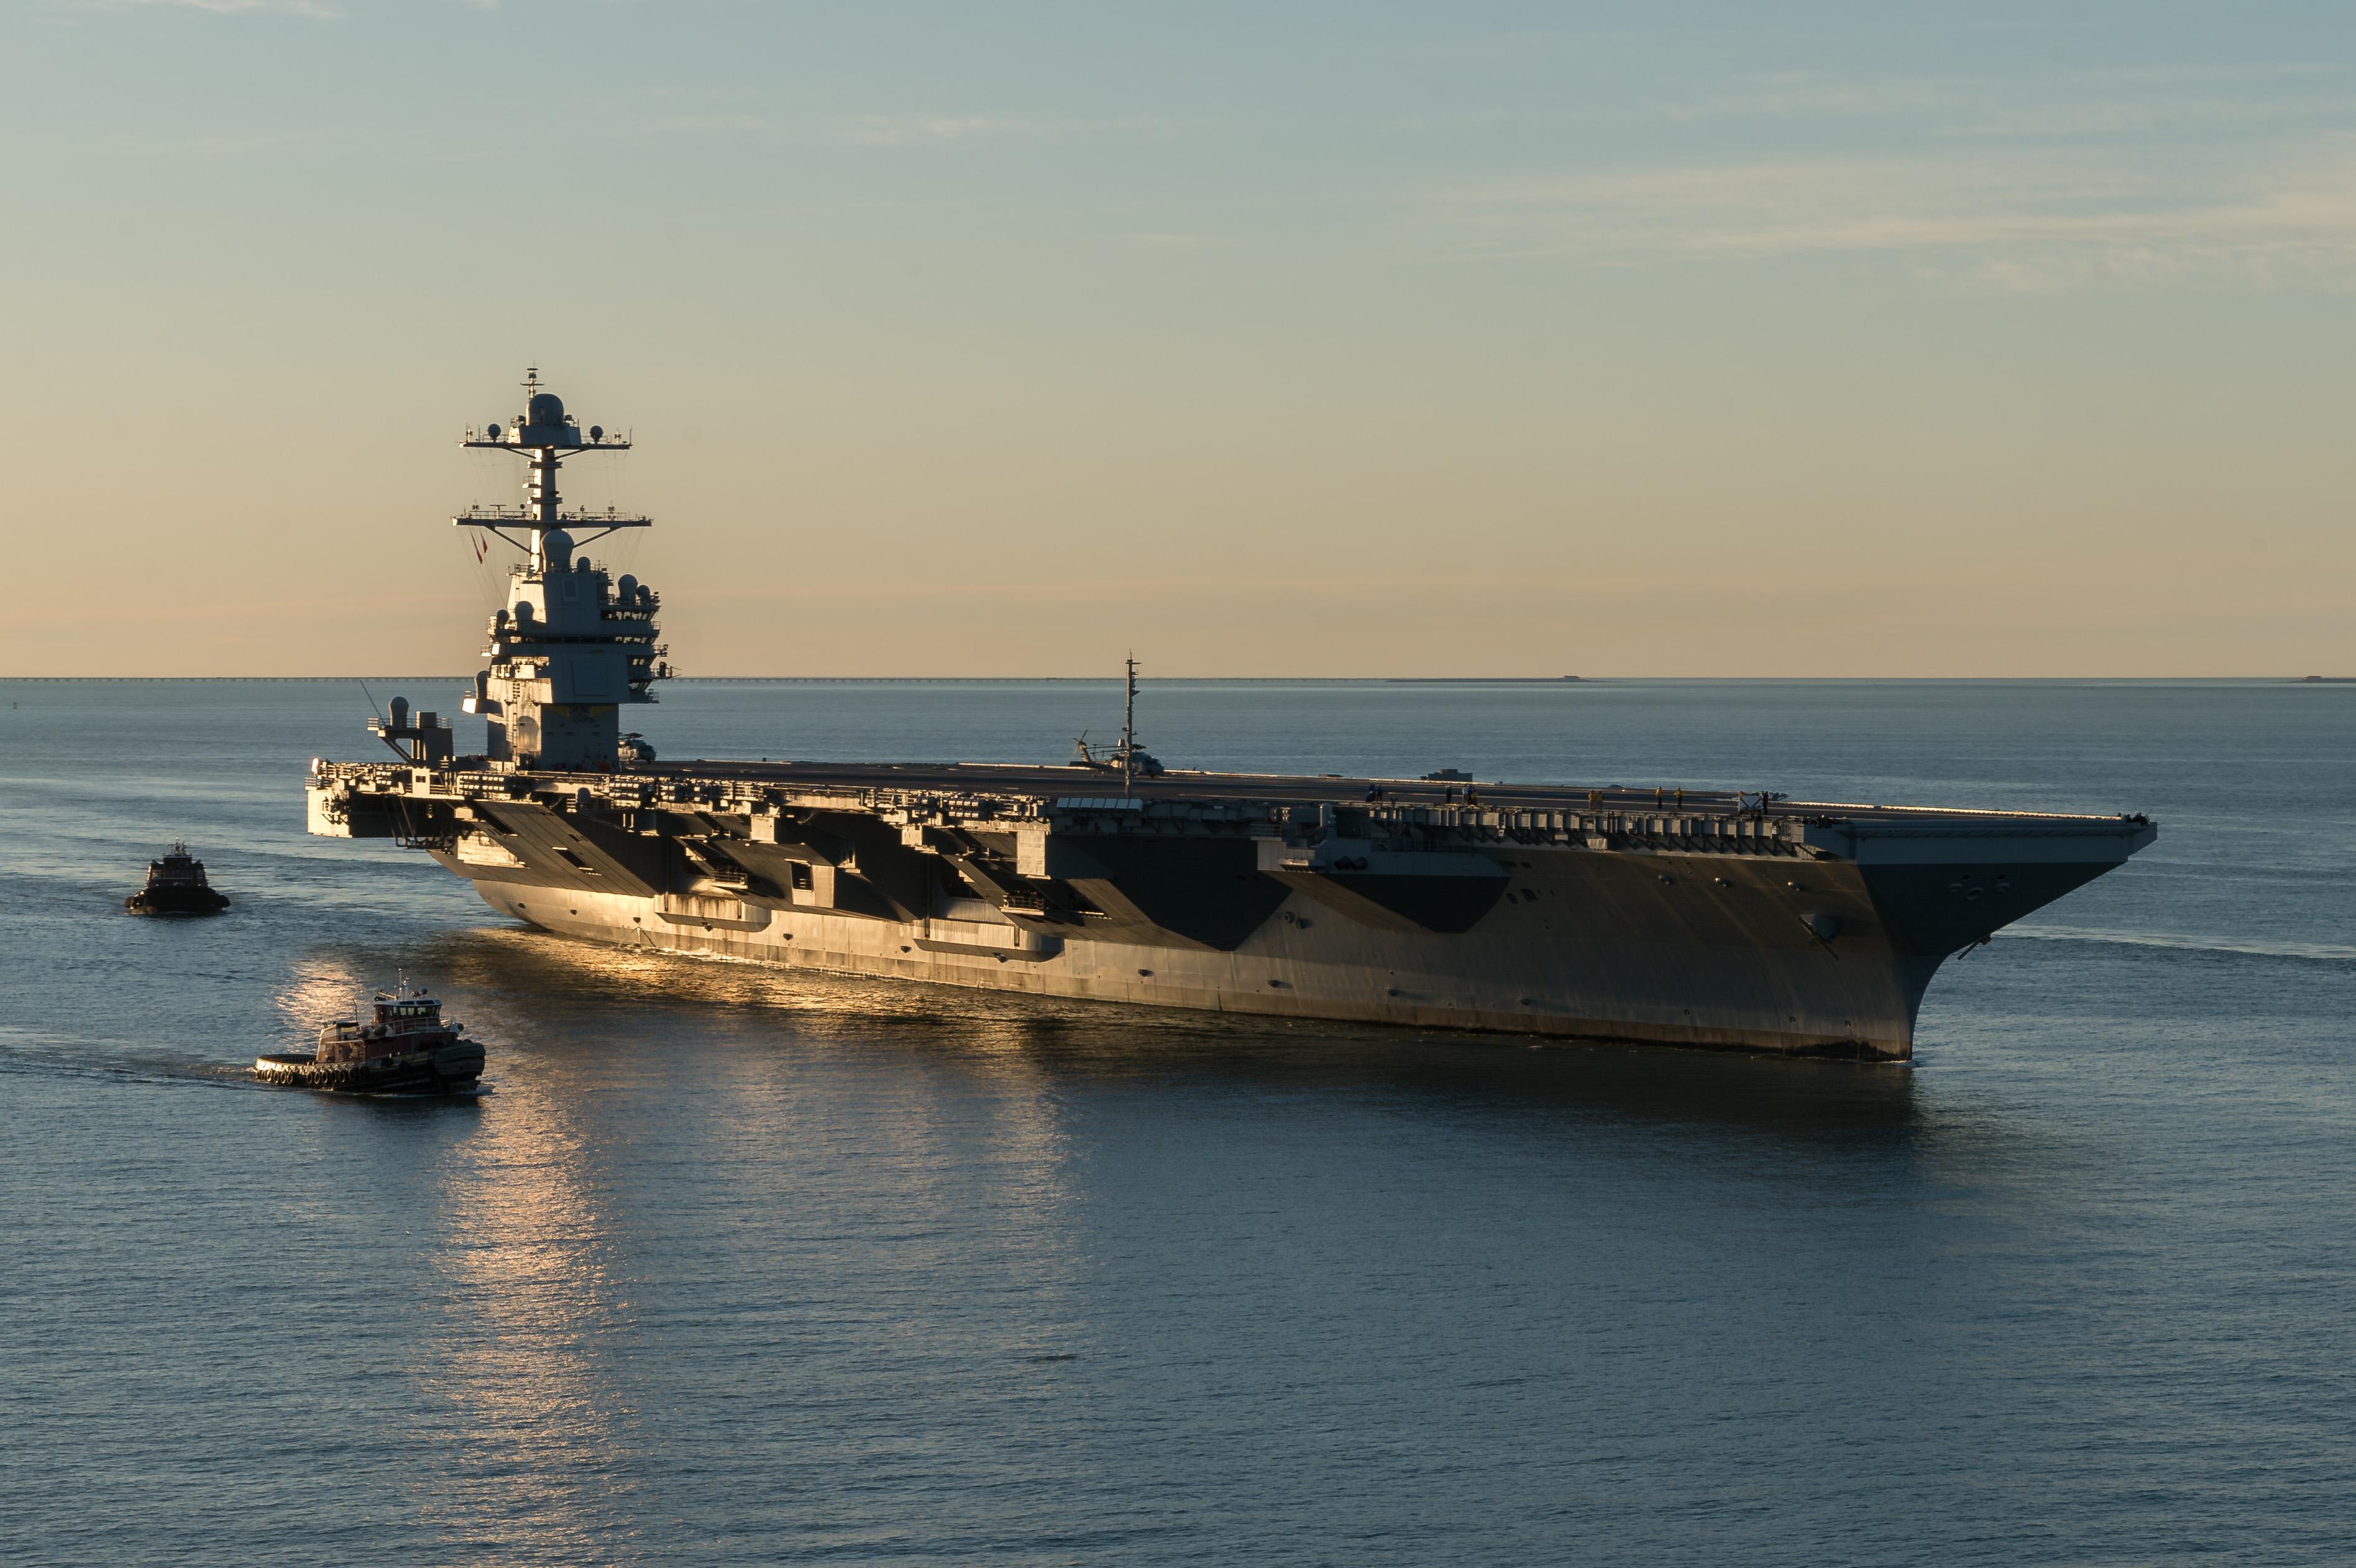 美福特号航母交付海军 俄专家建议俄中联手对抗